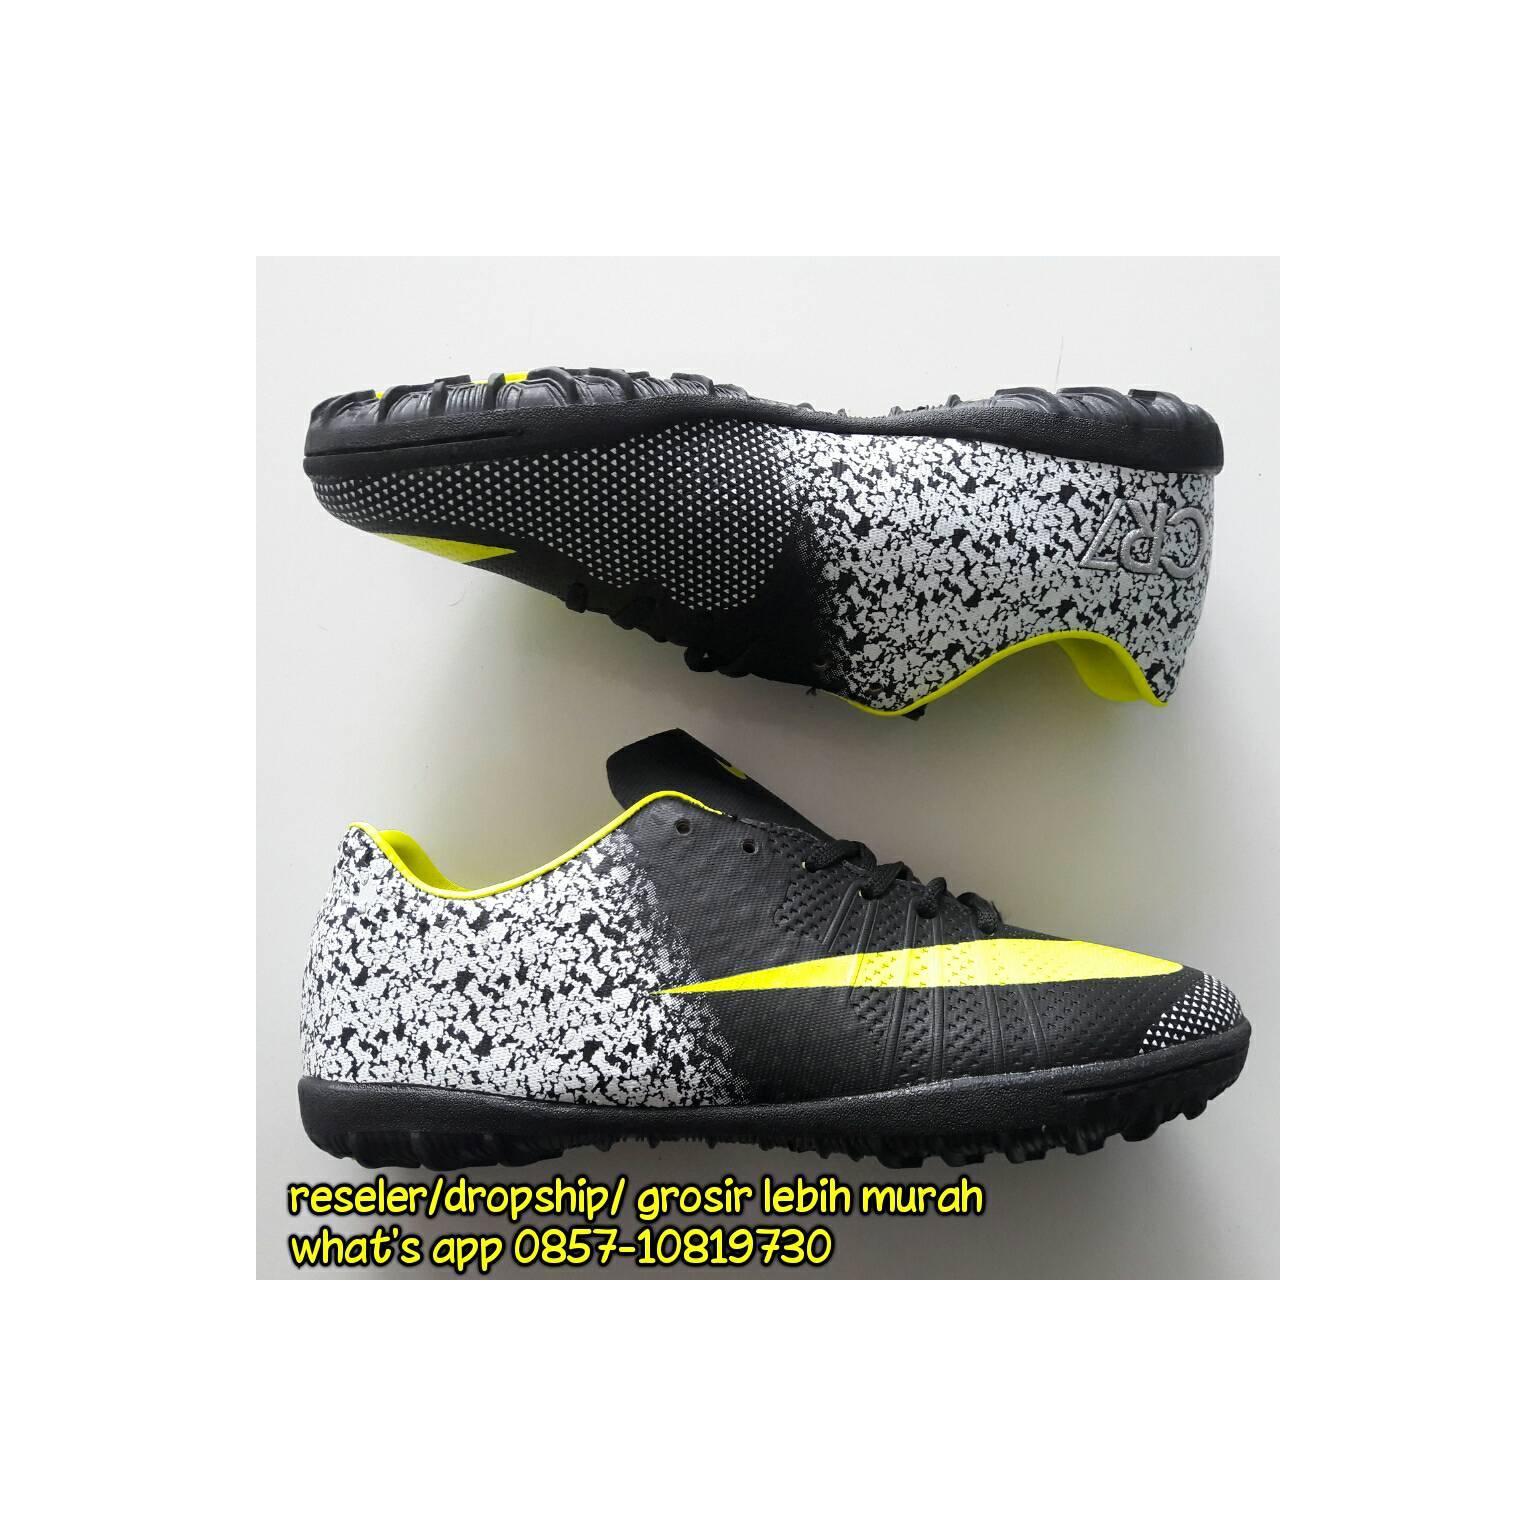 PALING MURAH sepatu futsal nike CR7 original